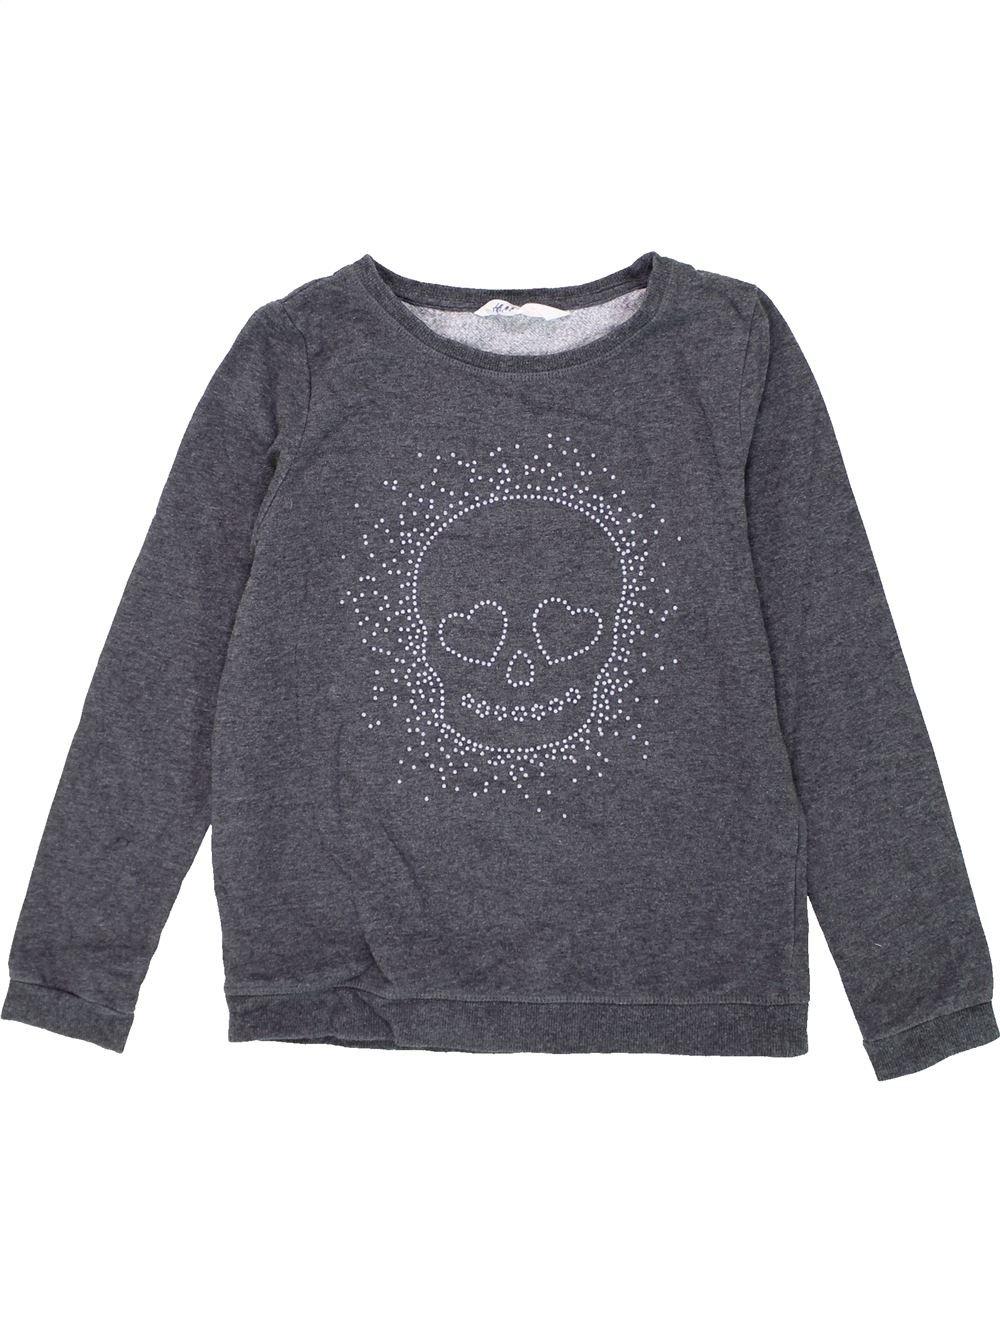 aspect esthétique bien pas cher achat authentique Sweat Fille H&M 12 ans pas cher, 6.99 € - #1805680